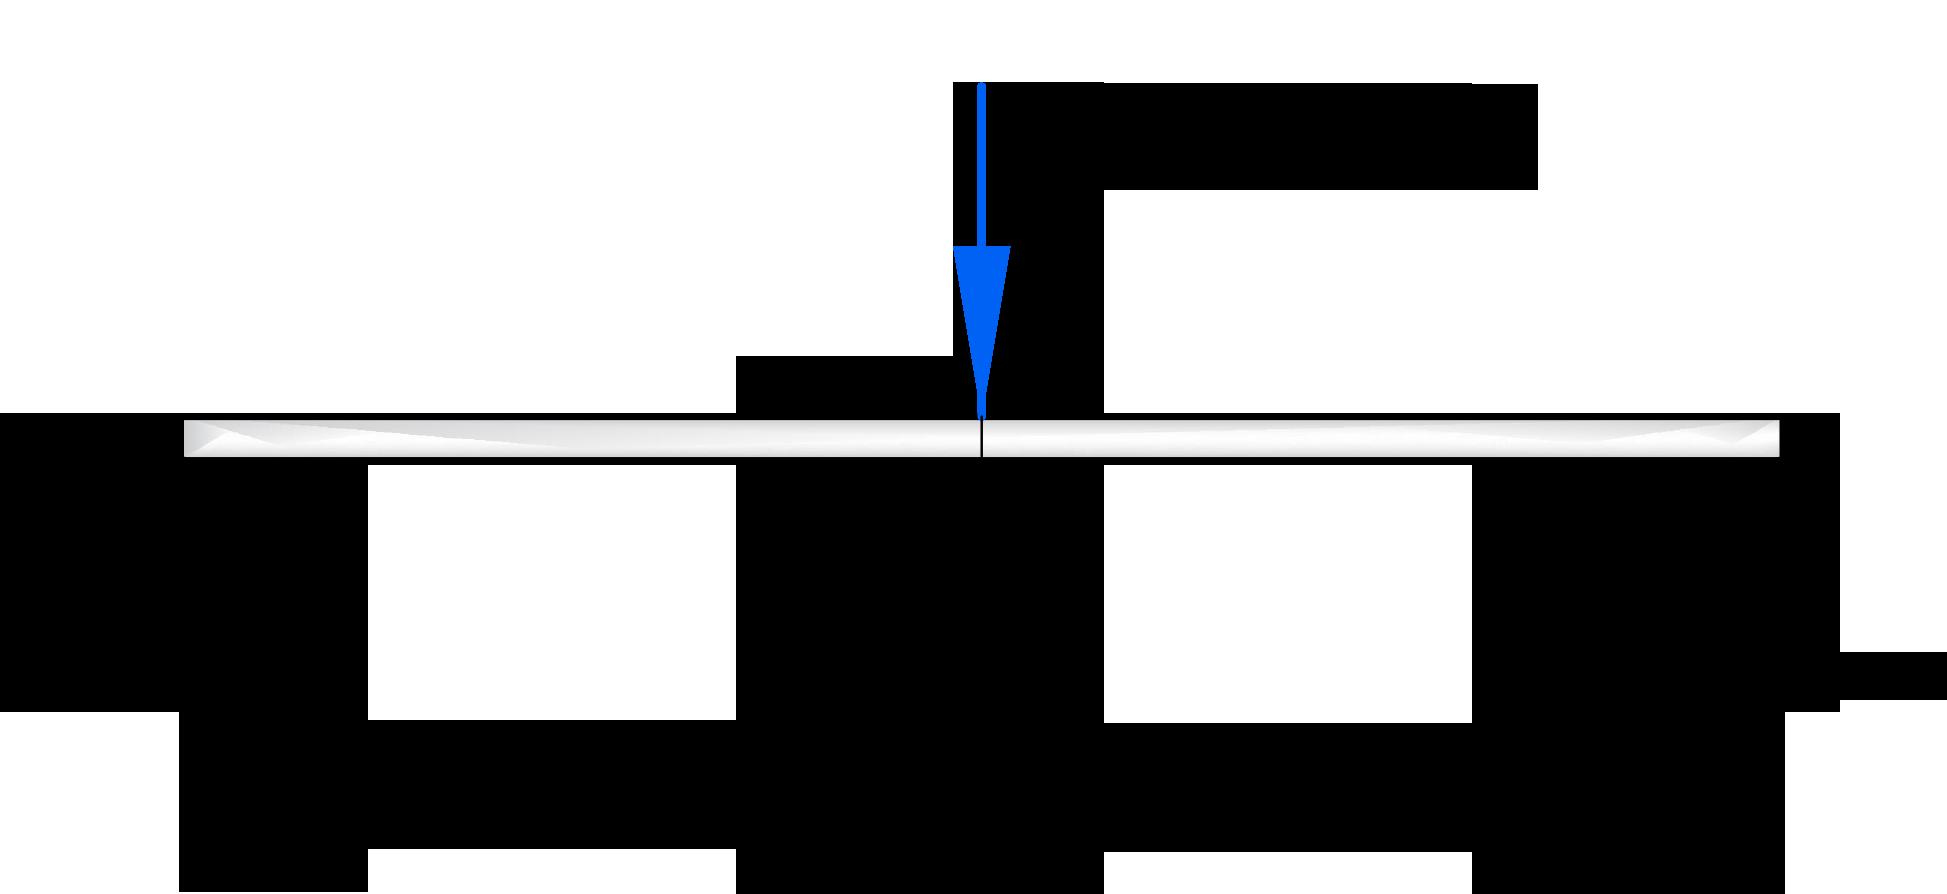 Примеры решения определения опорных реакций